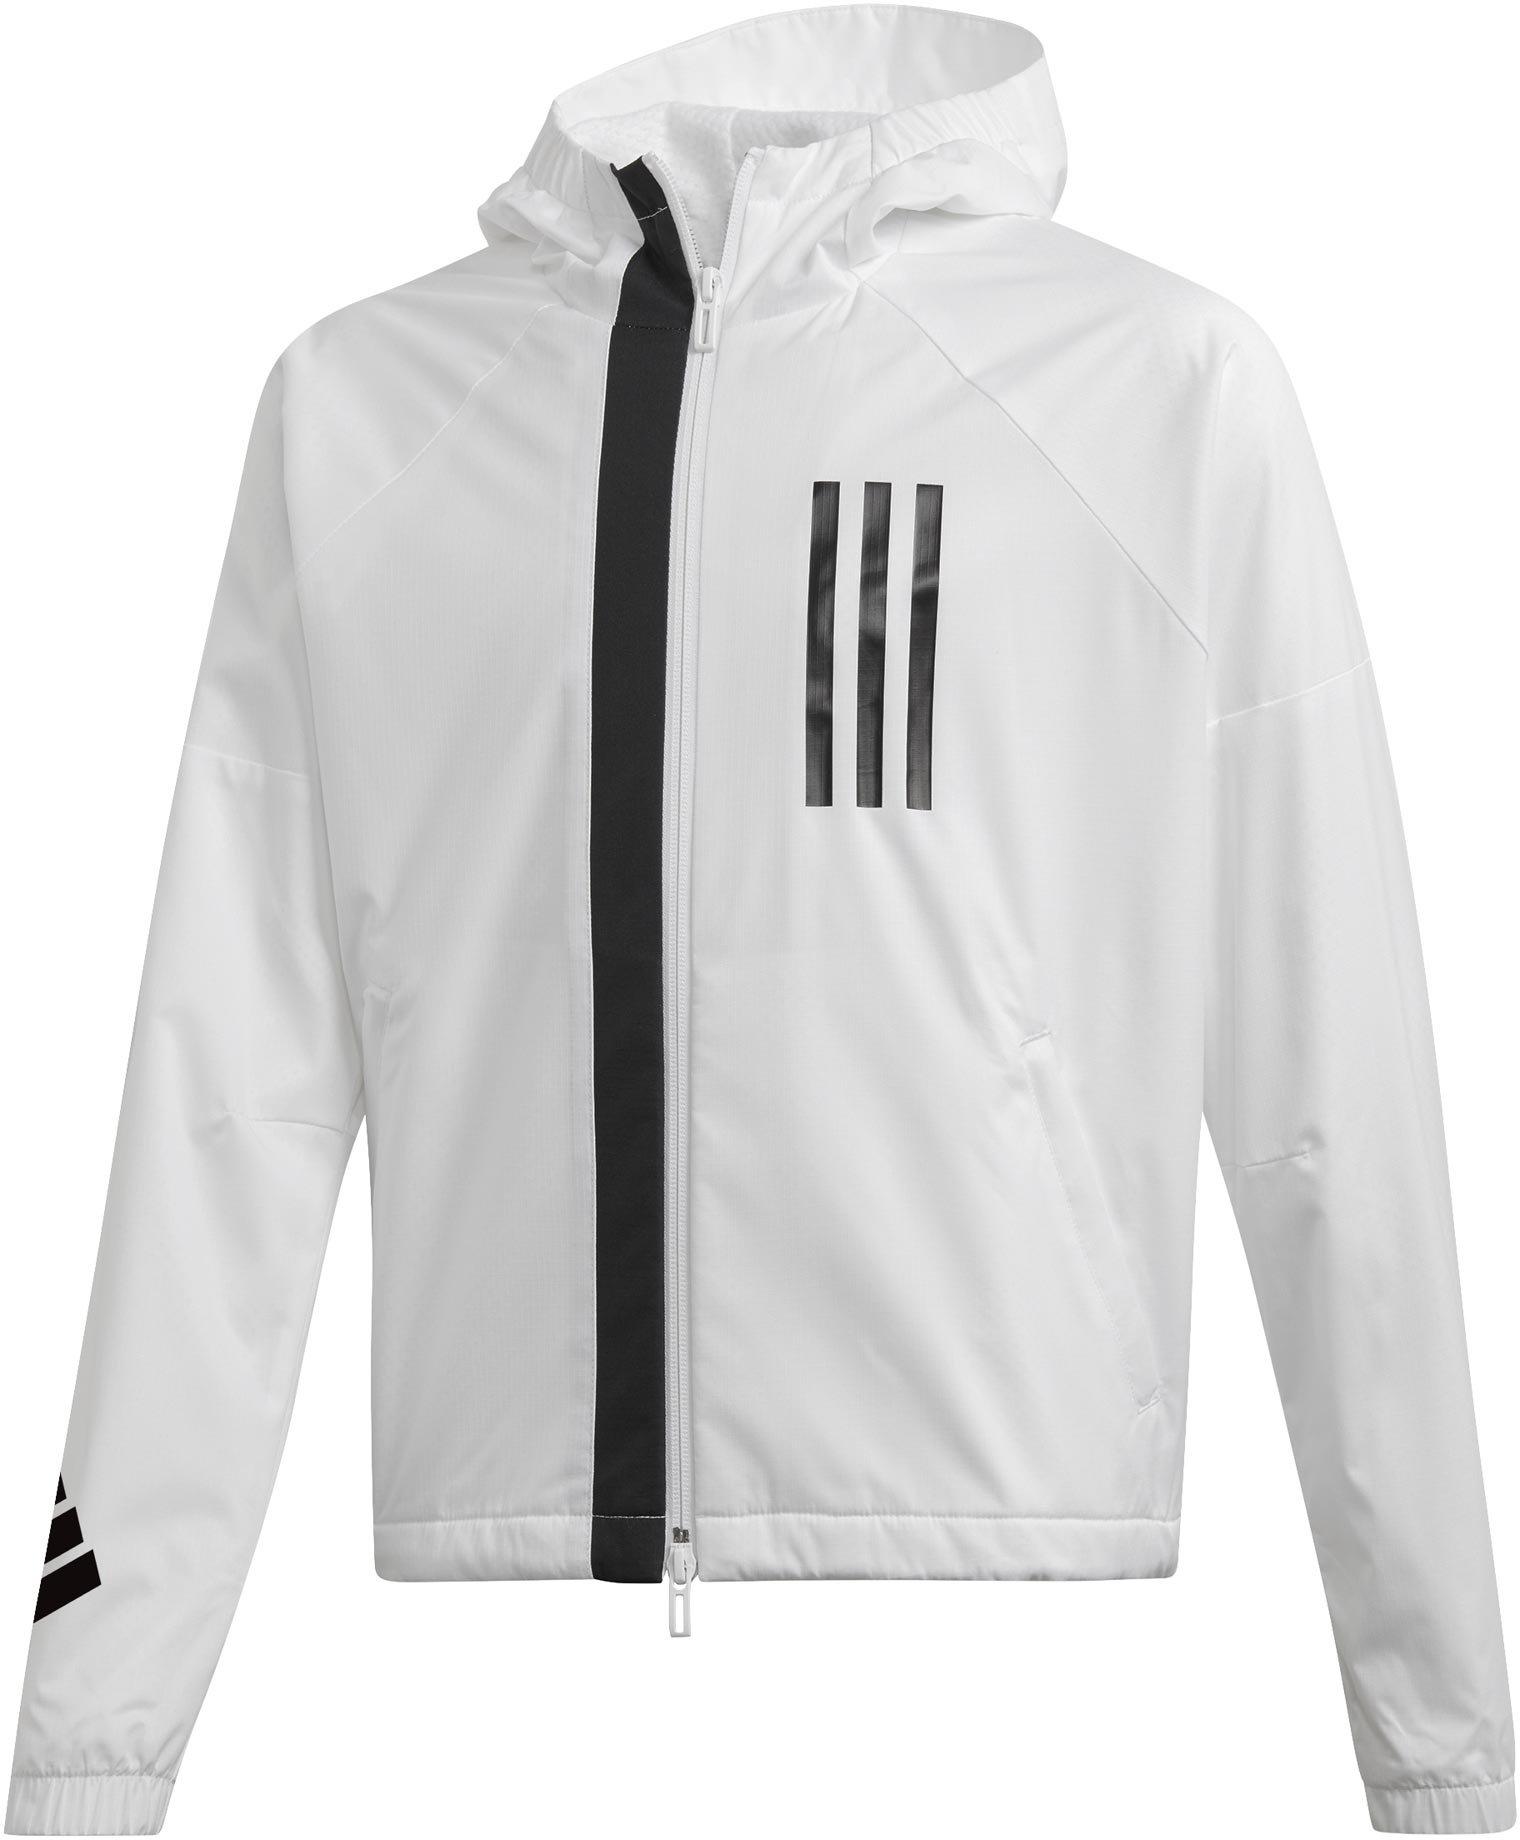 adidas ID Wind Wind Jacket 164